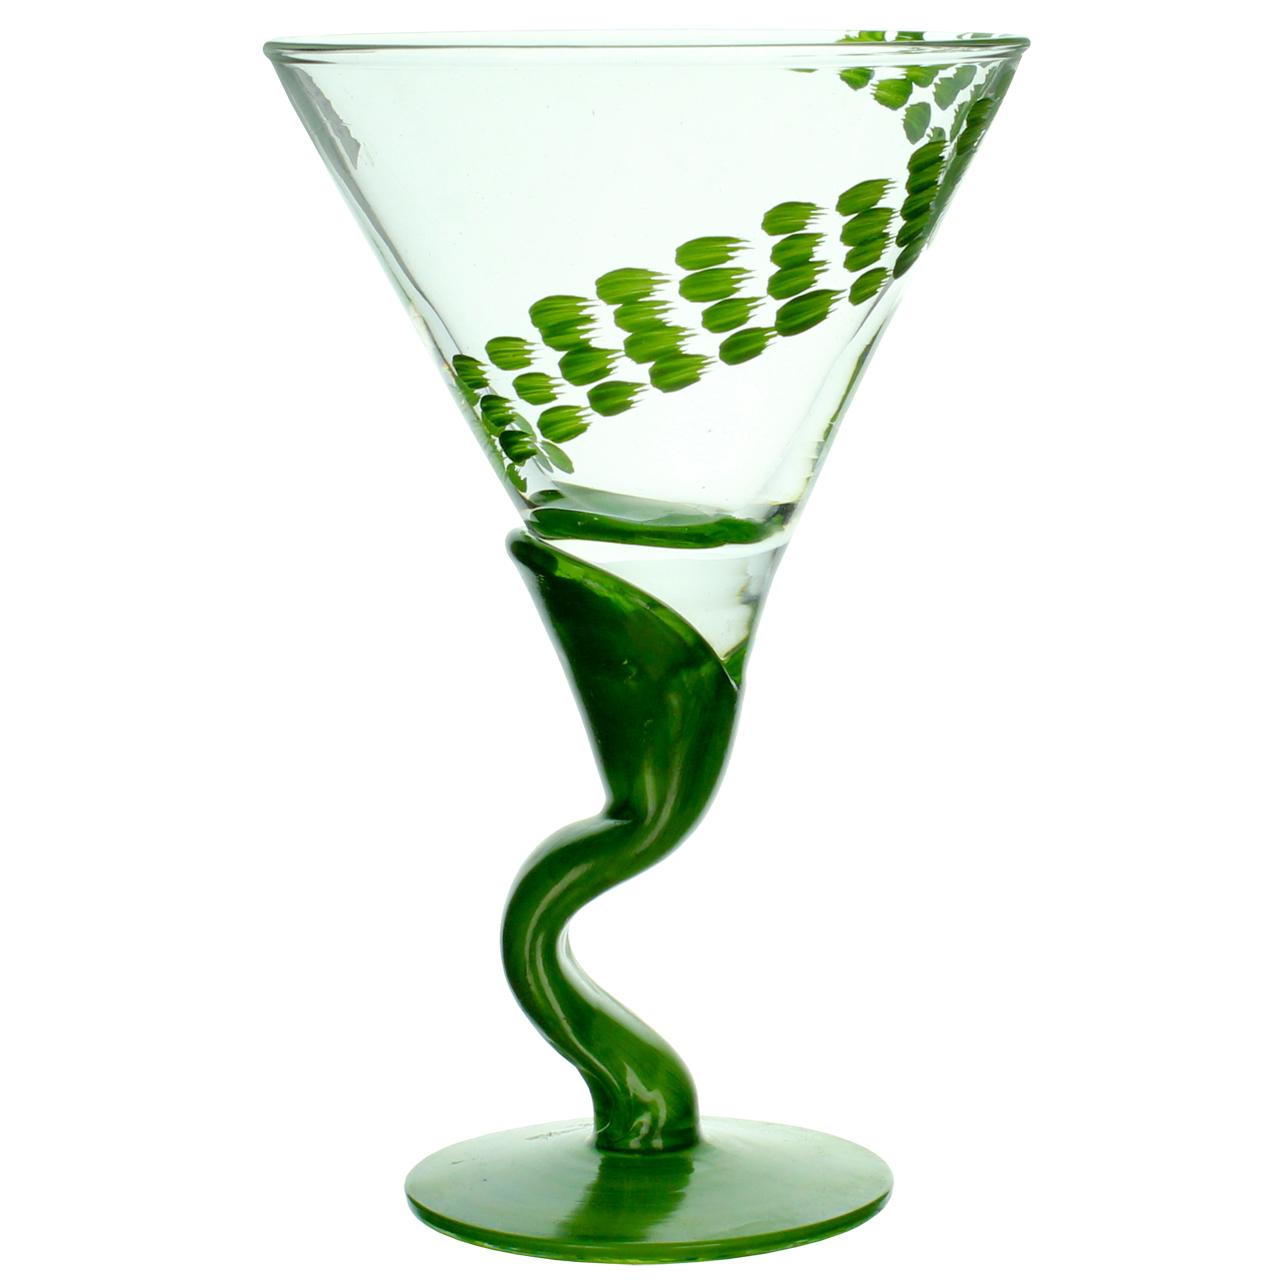 Cupa Din Sticla Cu Verde 13 Cm